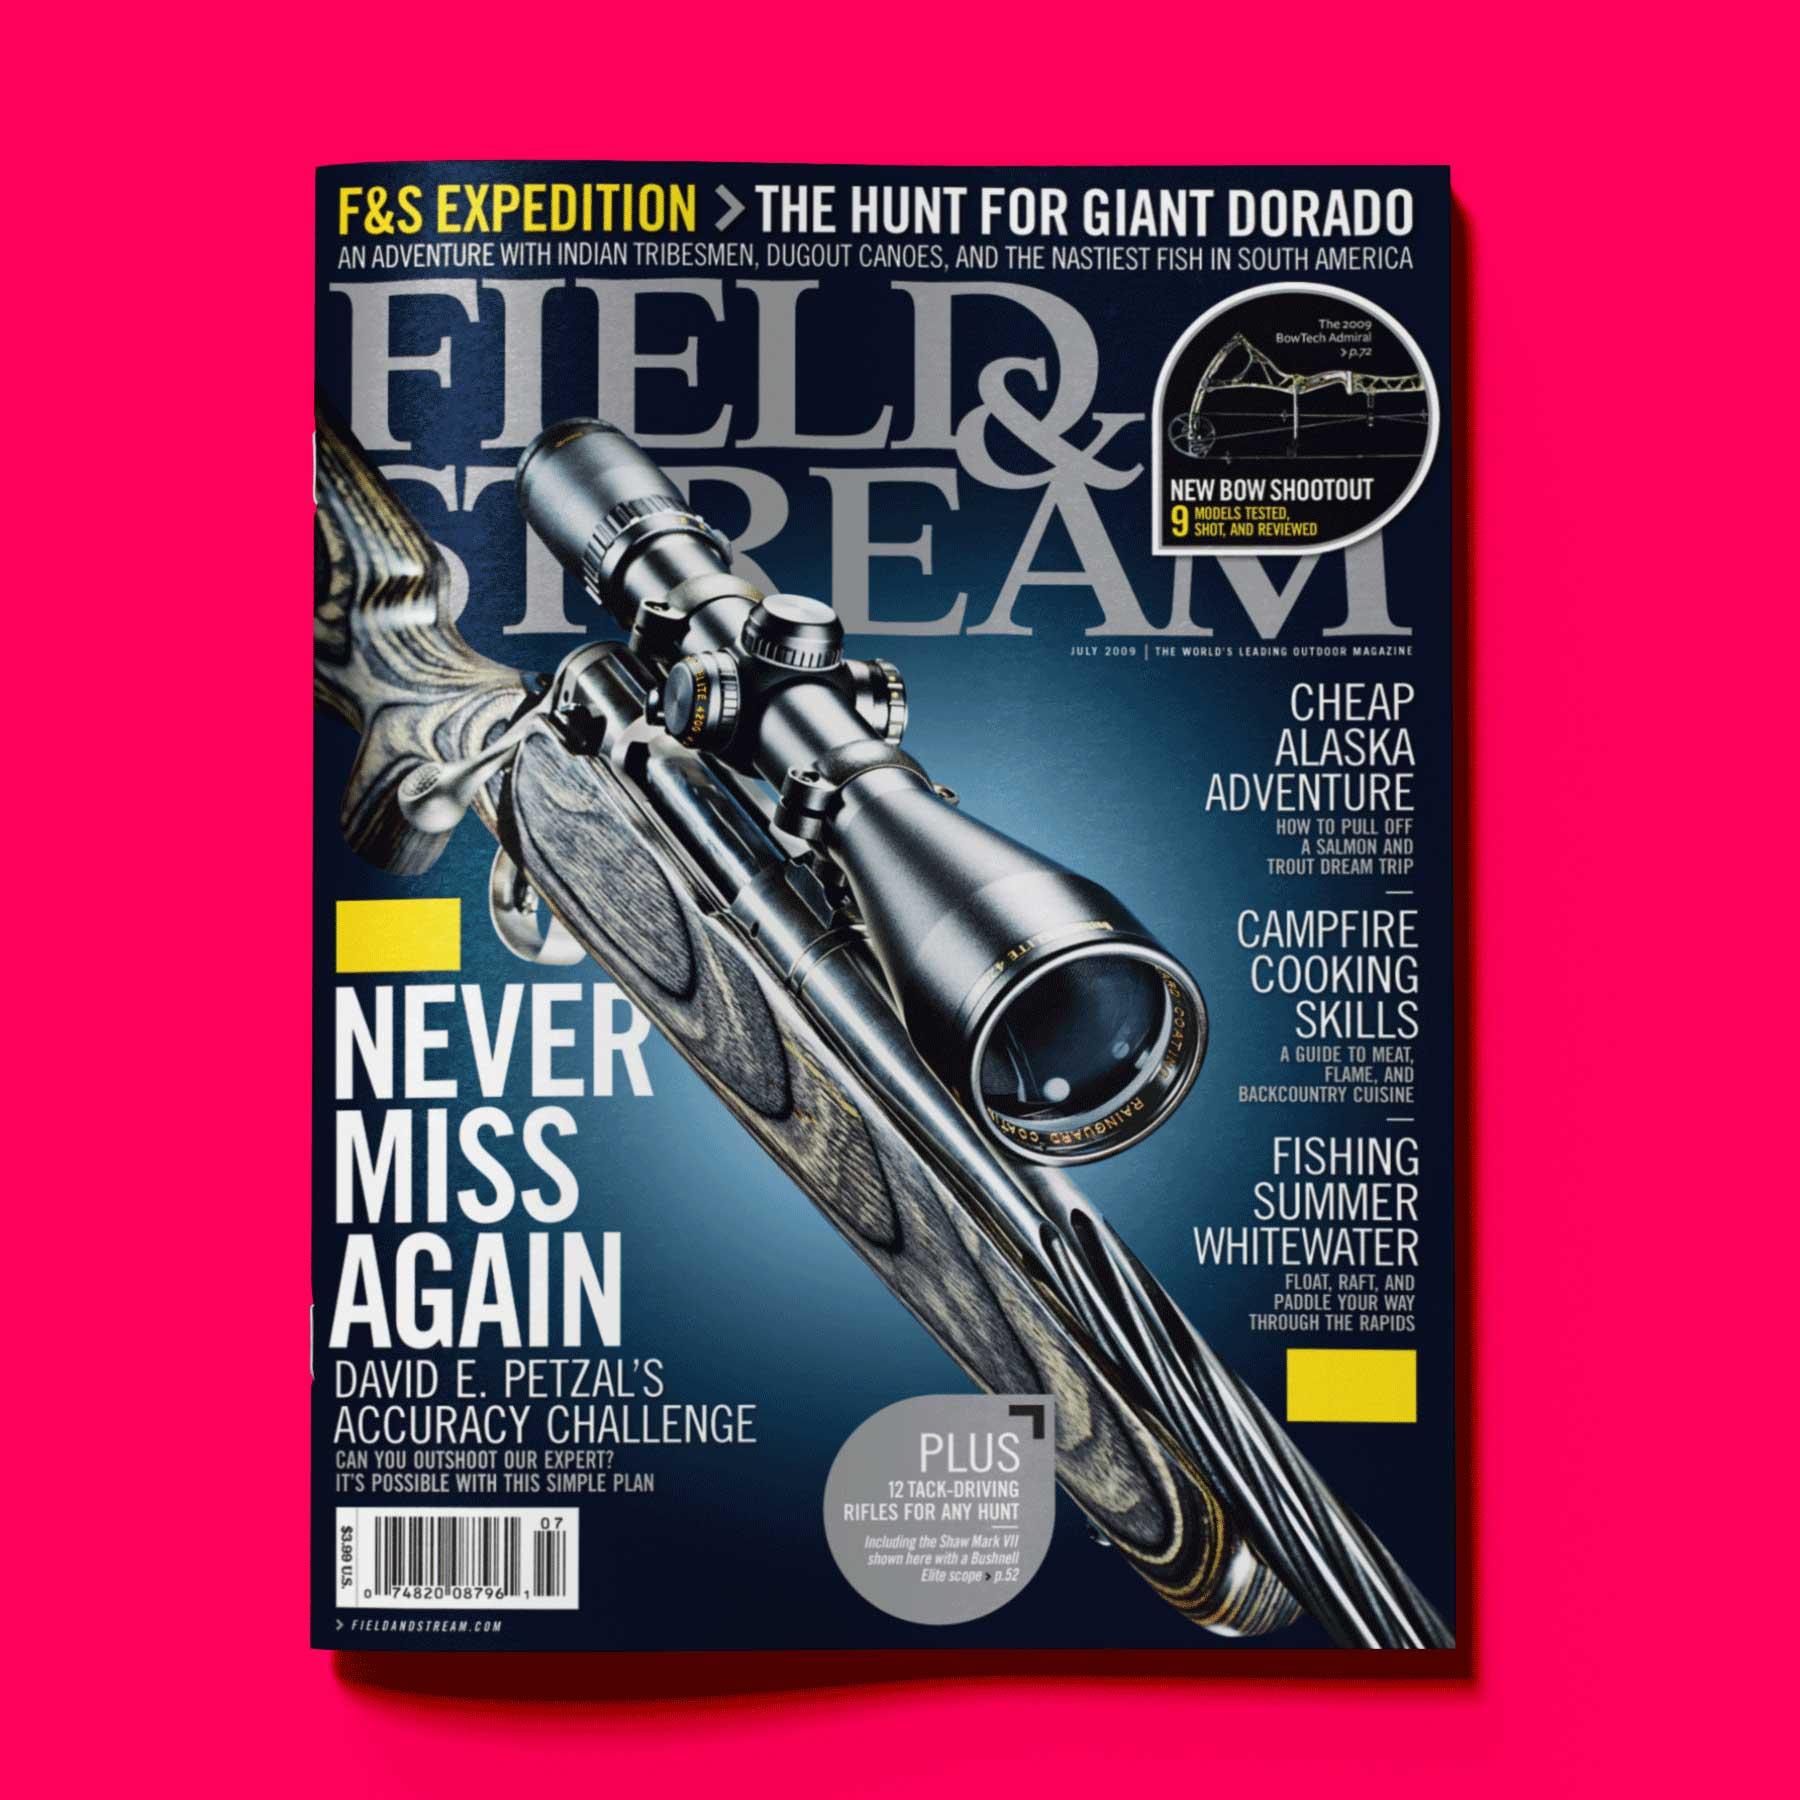 fiekldandstreamcover_rifle.jpg